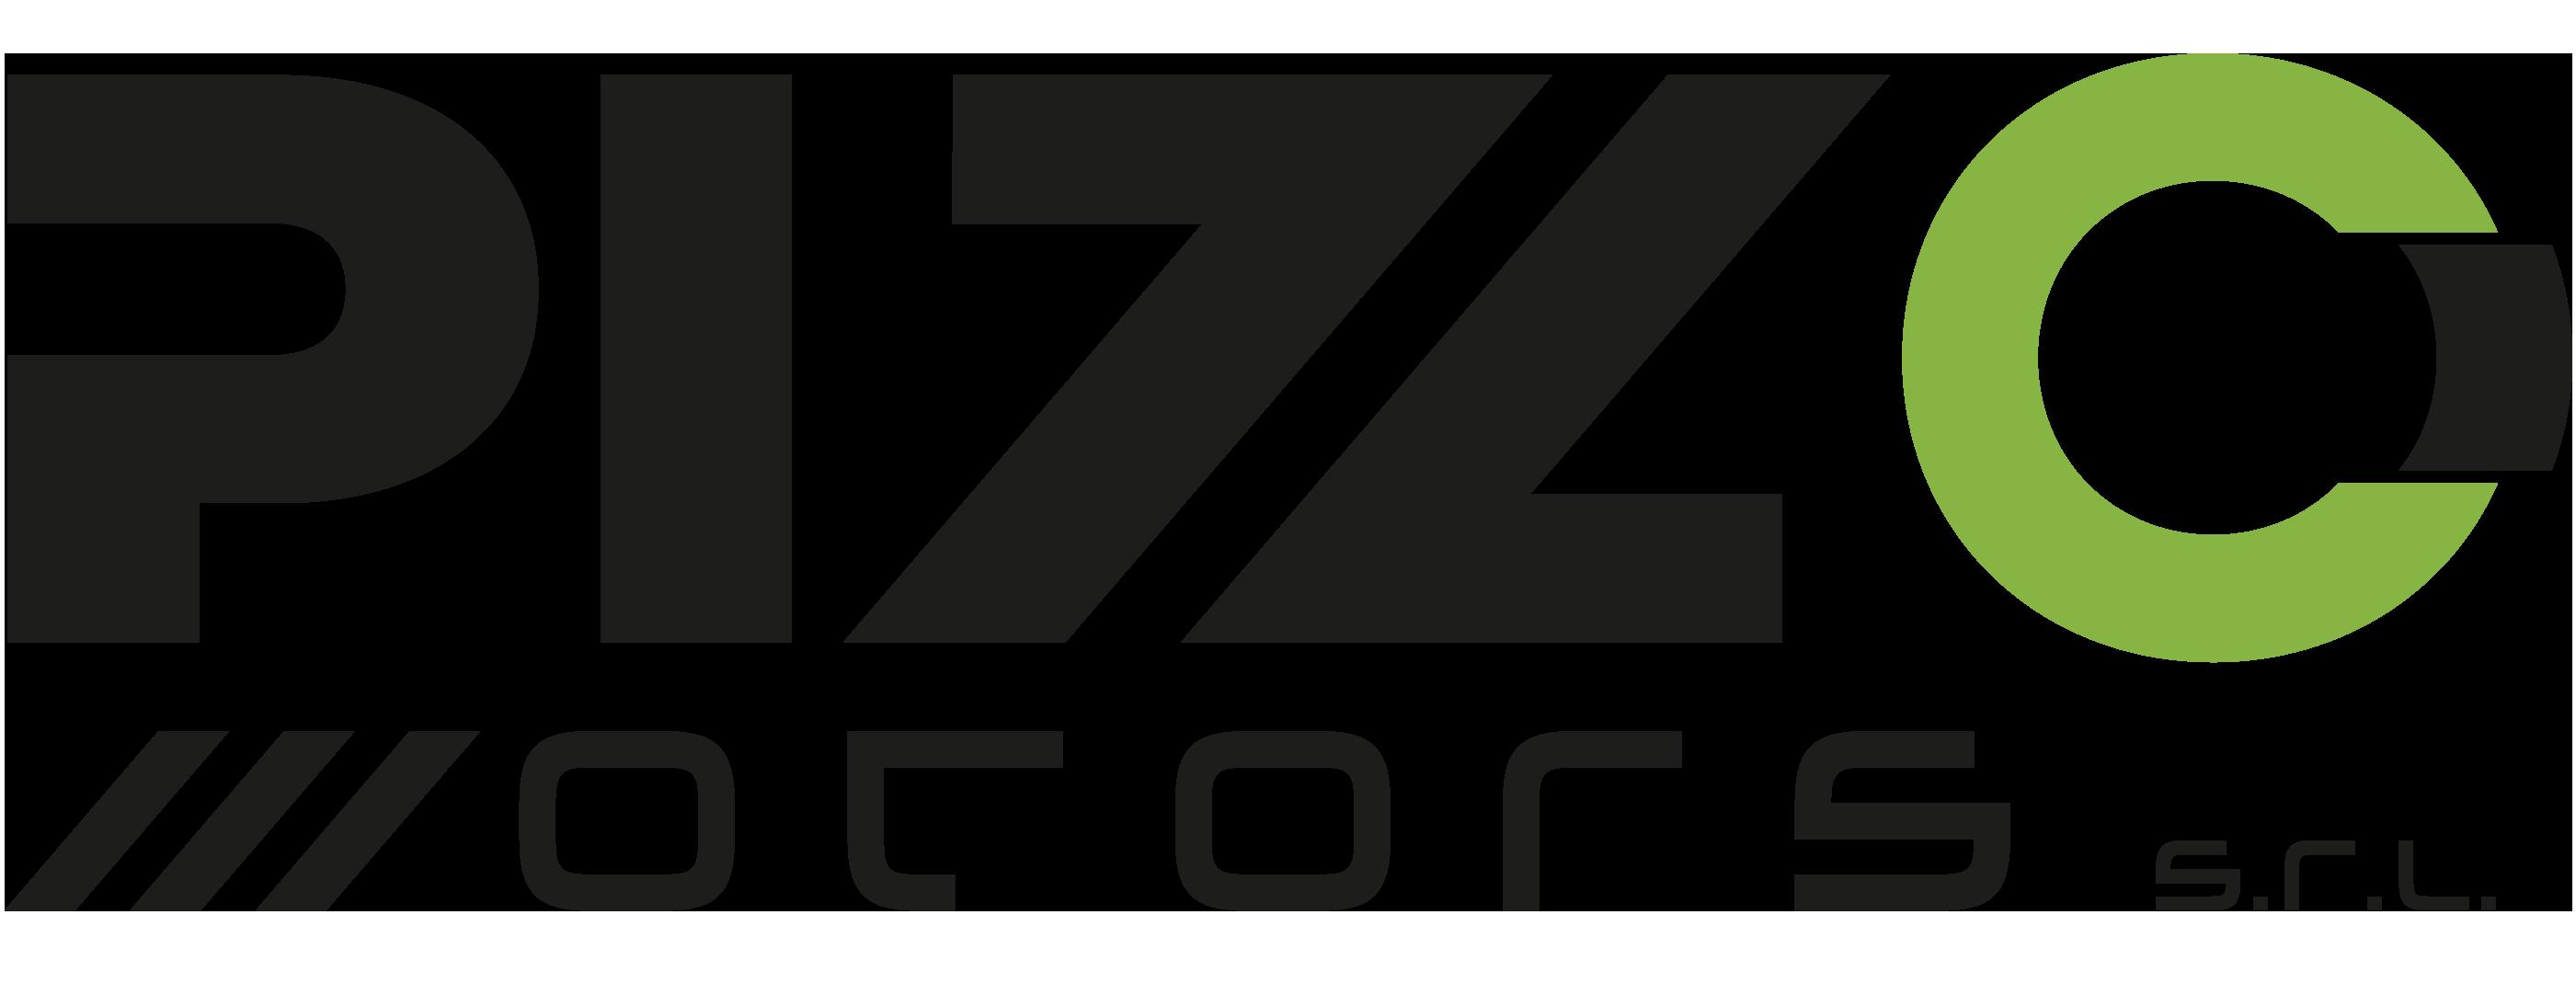 Pizzo Motors s.r.l. -